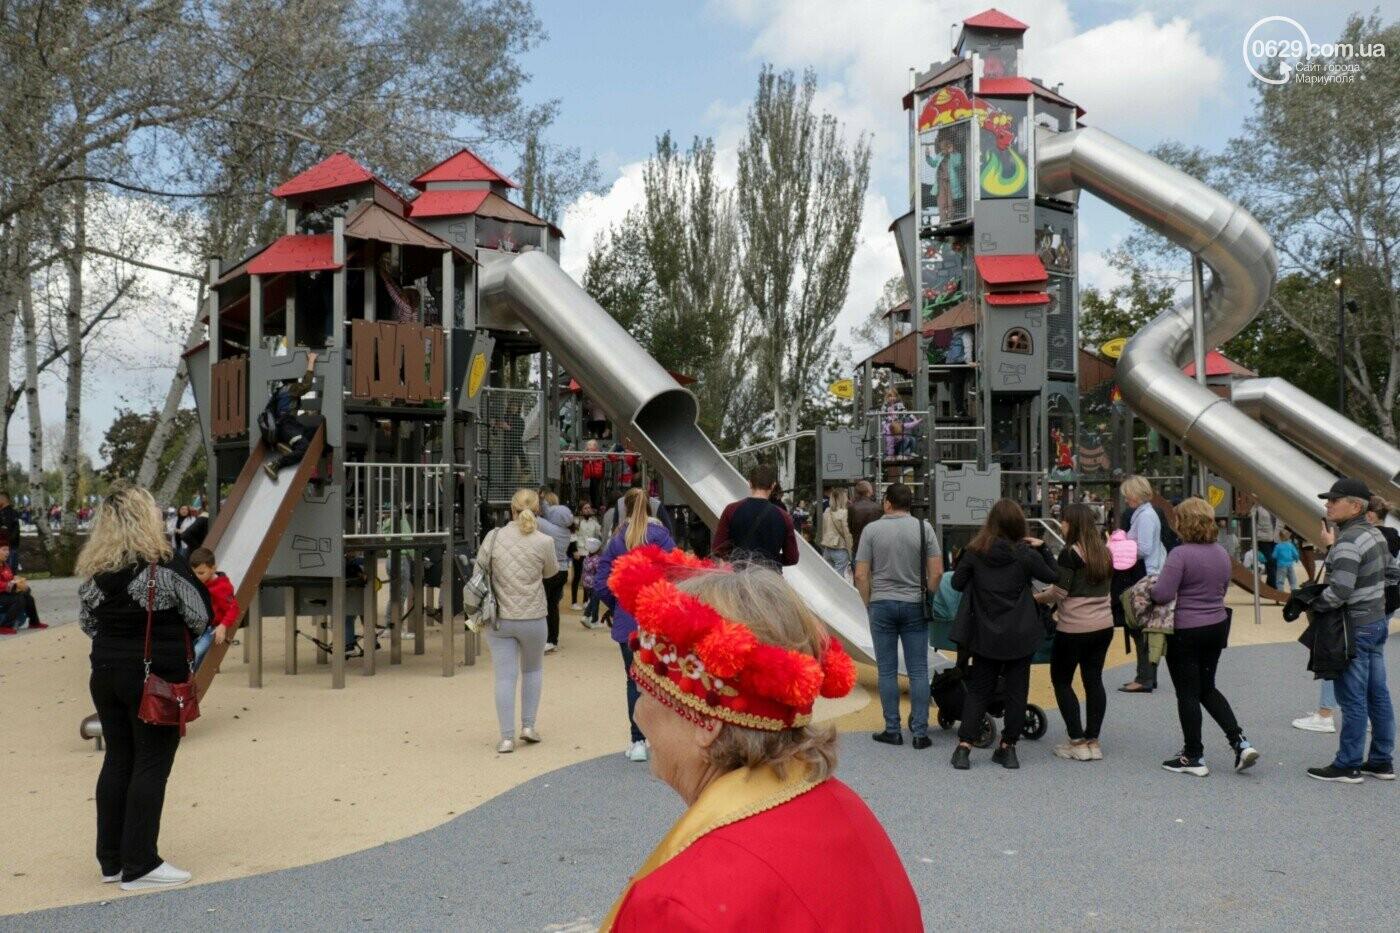 В Мариуполе в парке Гурова на детской площадке травмировался ребенок, - ФОТО, фото-3